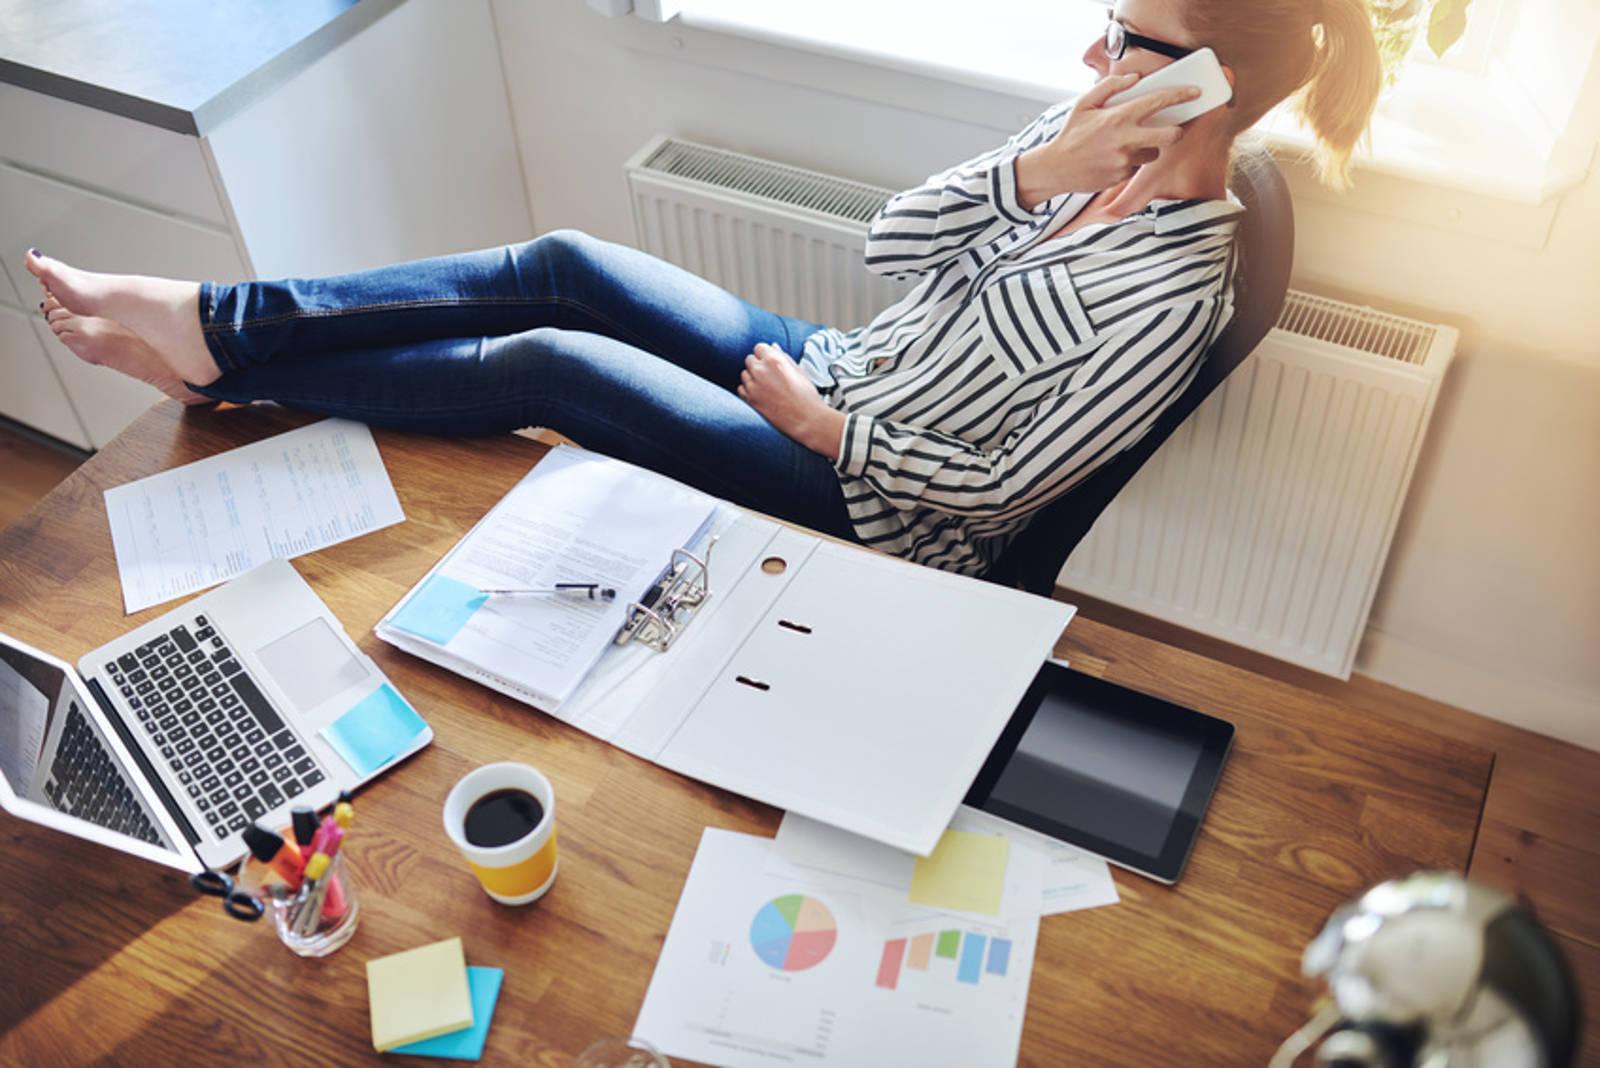 Ein Frau hat ihre Füsse auf ihrem Arbeitstisch während sie einen Telefonanruf erledigt.